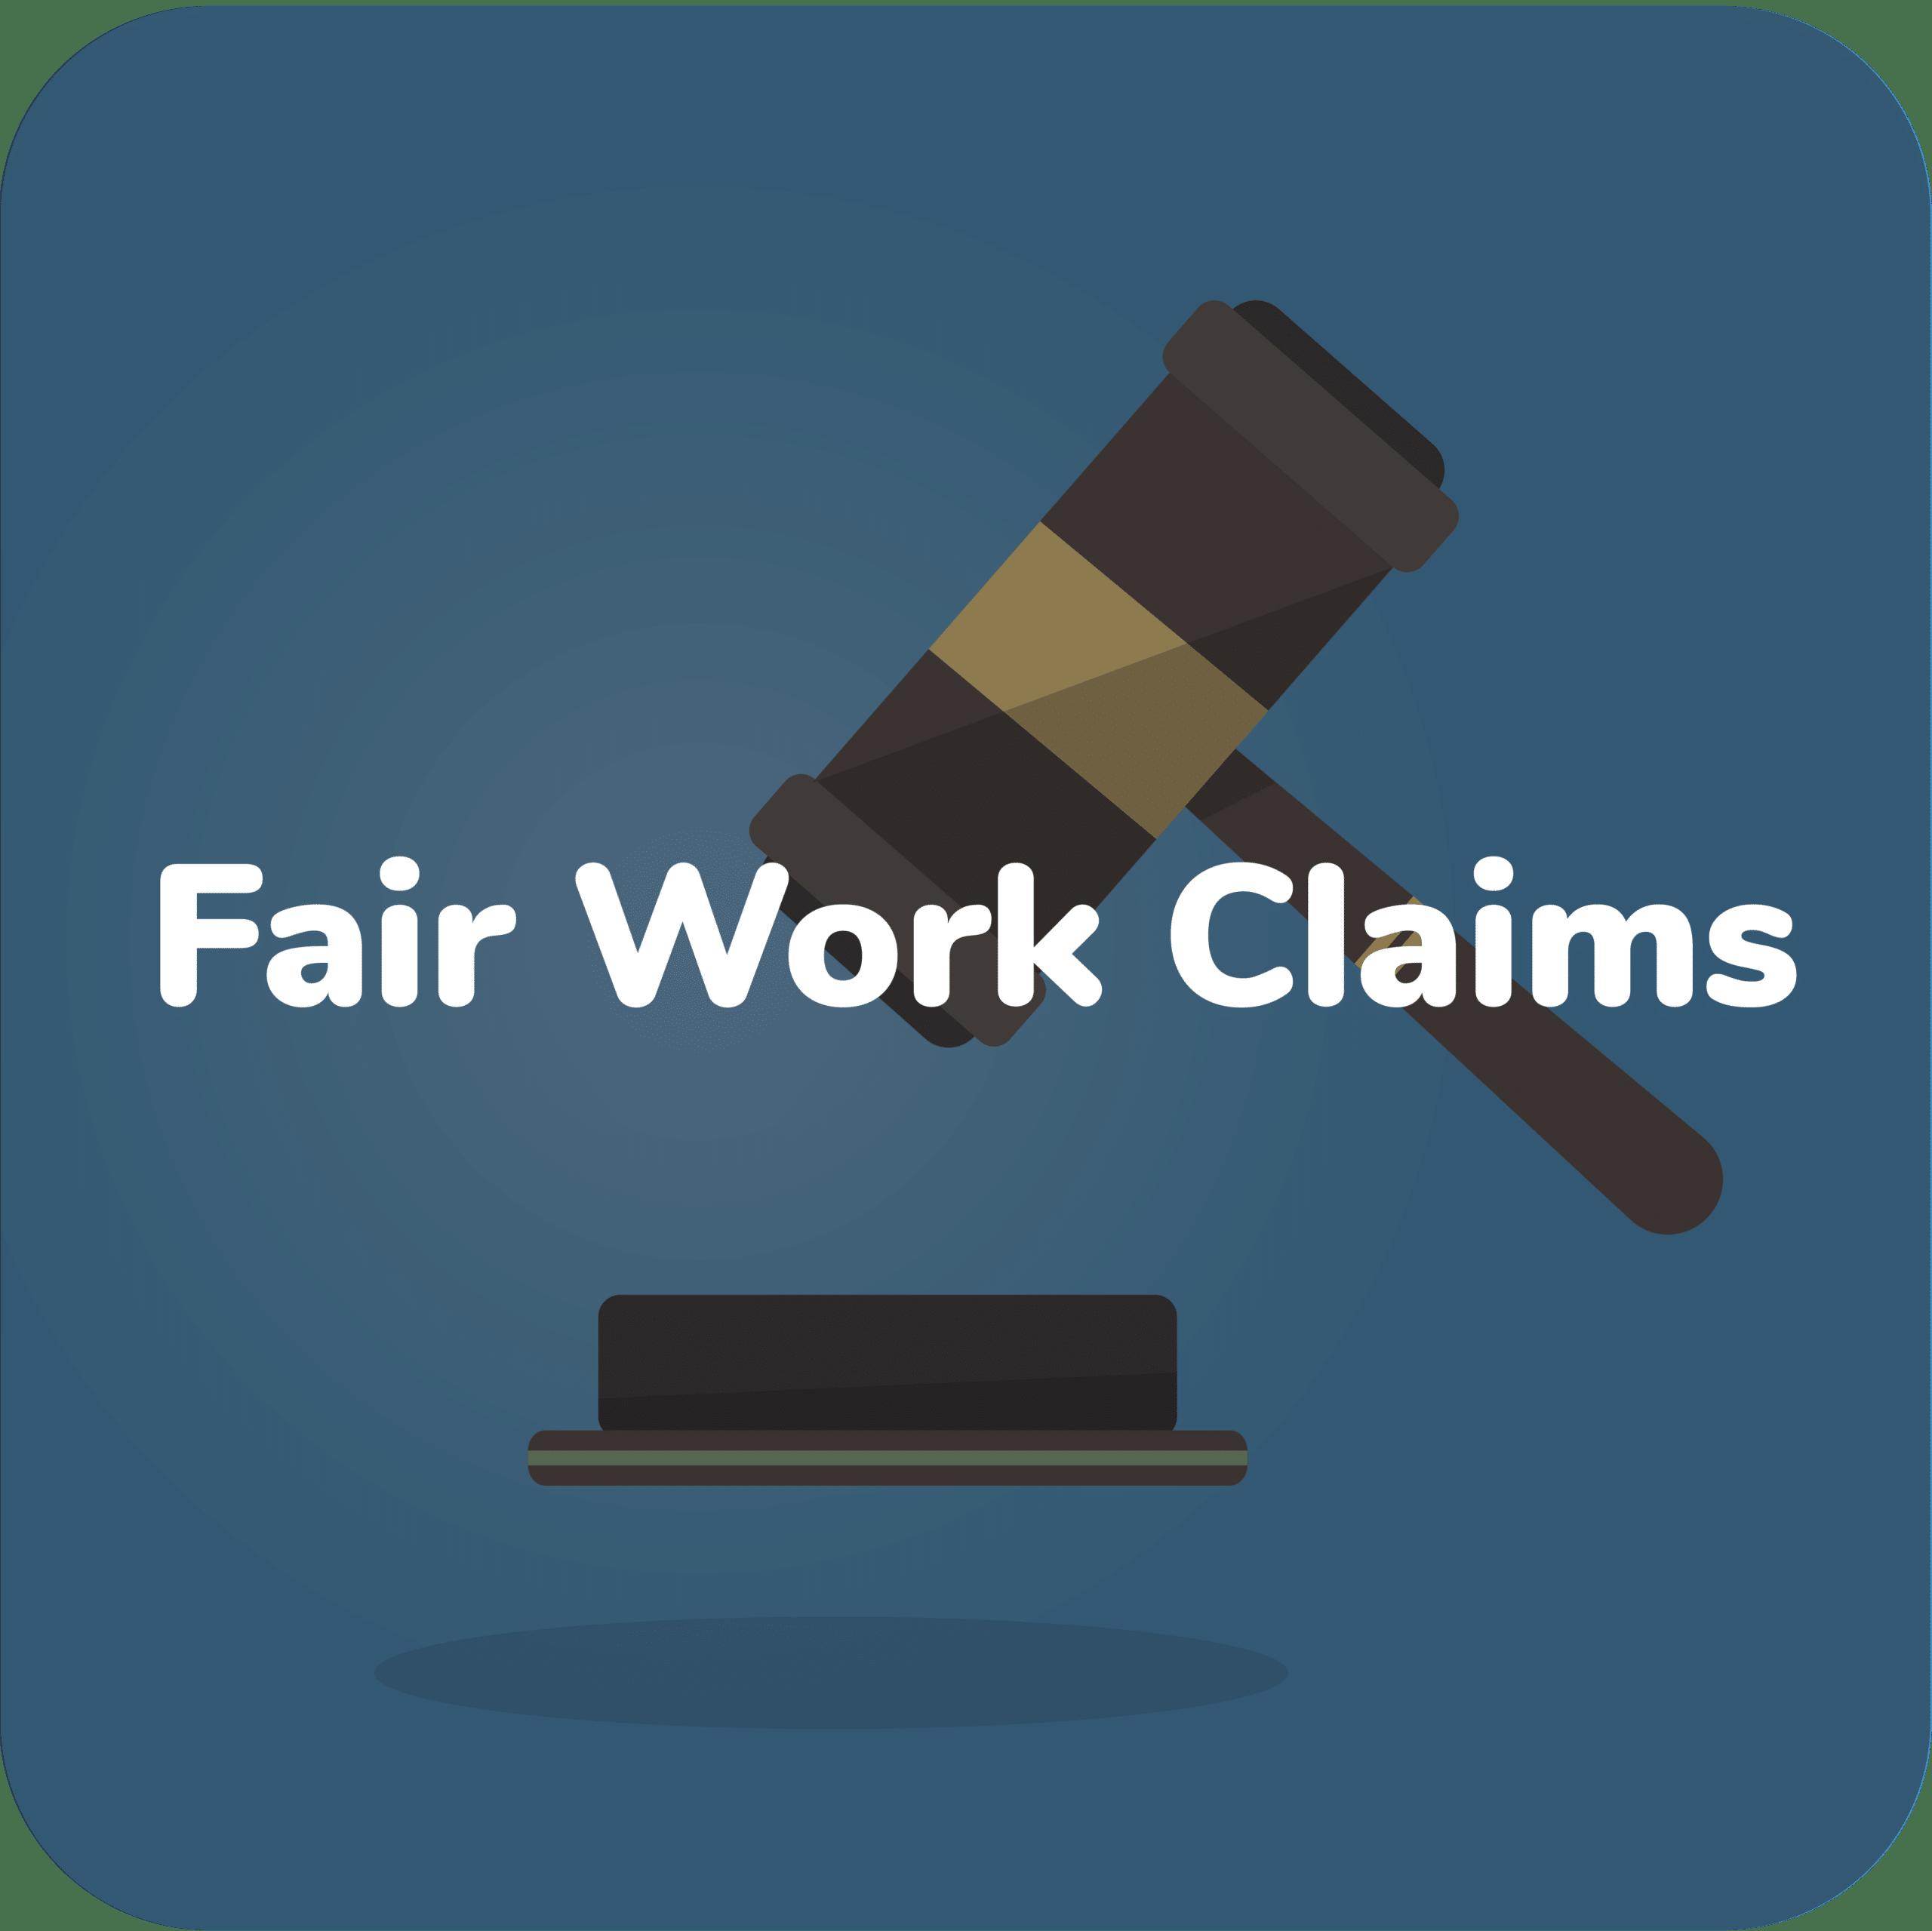 Fair Work Claims